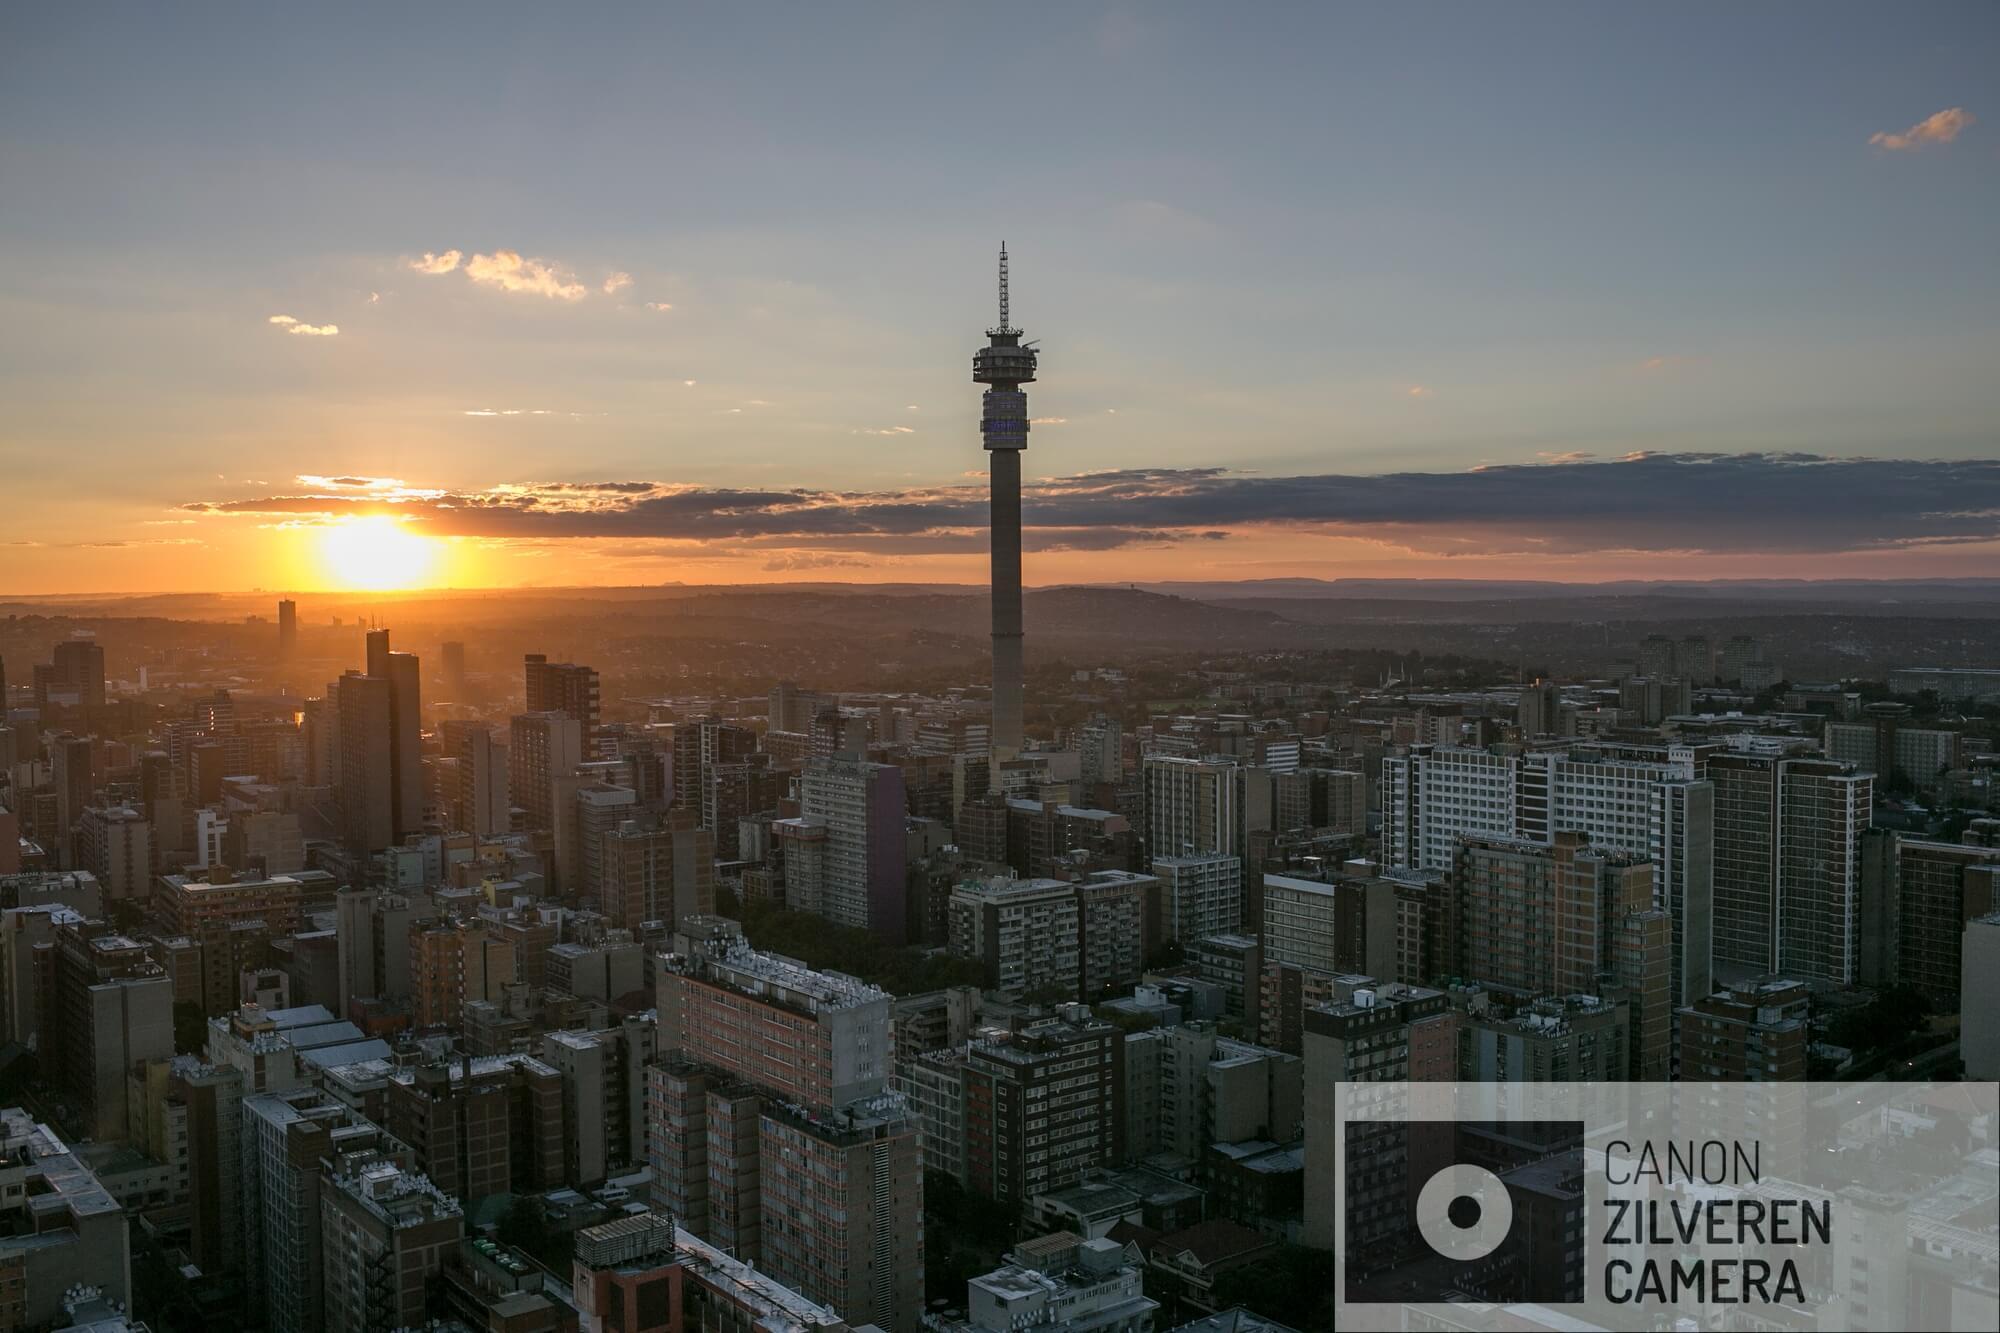 Miljoen migranten verblijven in Johannesburg downtown om werk te vinden in de bloeiende ondergrondse economie van de Gauteng provincie, vrij vertaald naar 'het land van goud'. Duizenden sterven zonder identiteit of verdwijnen simpelweg tijdens hun reis.